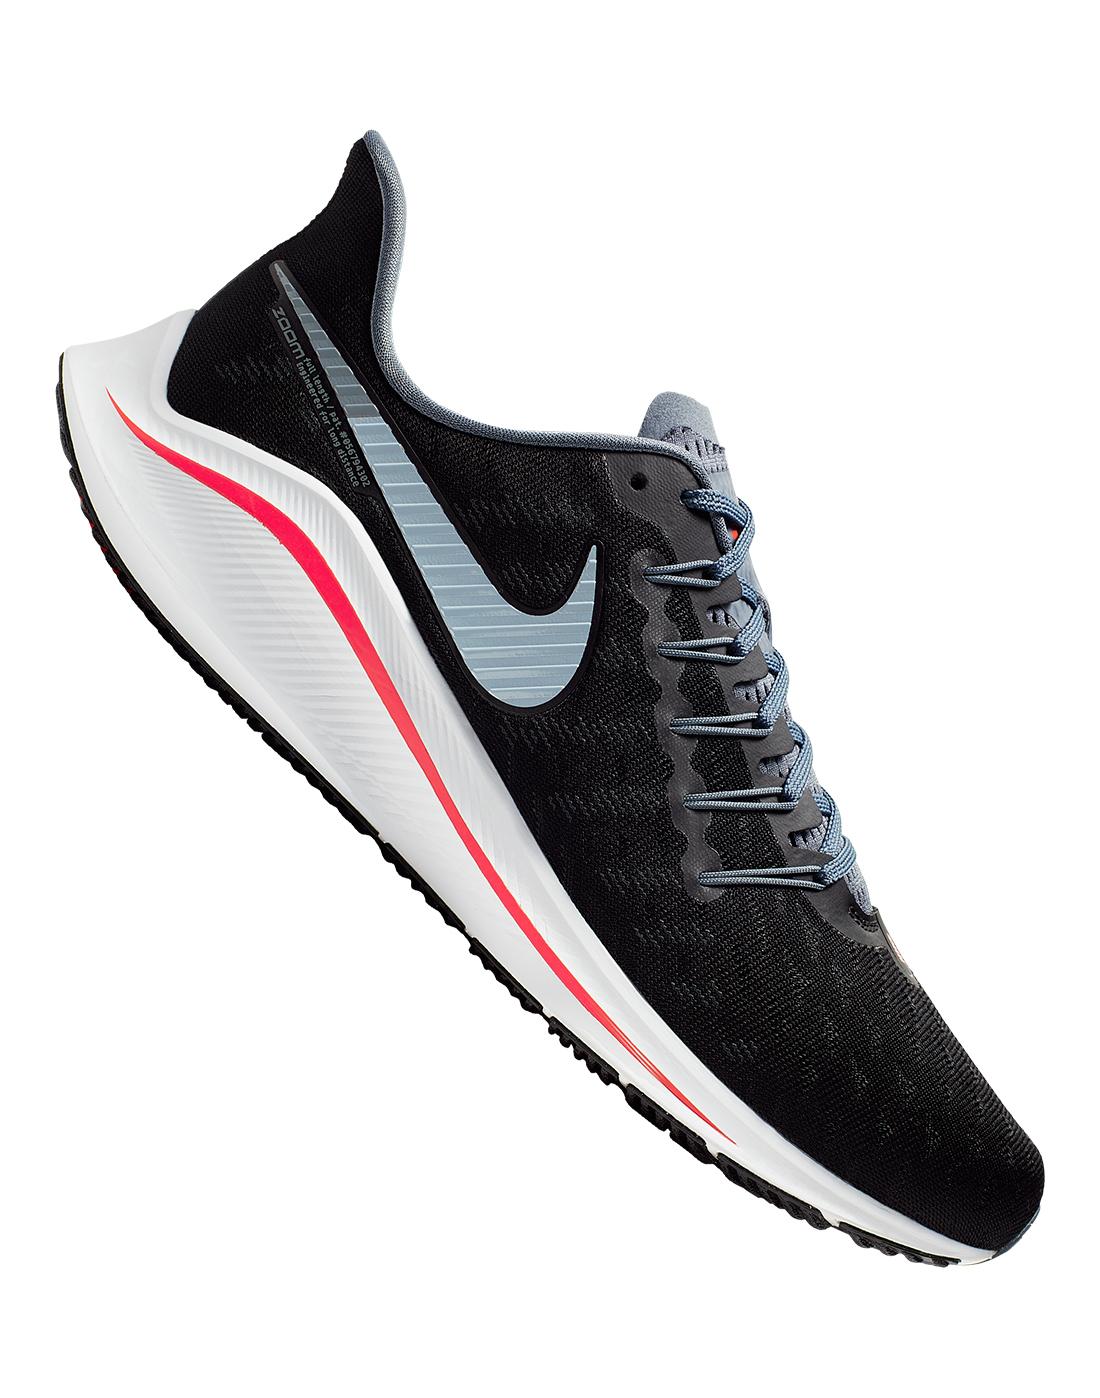 c04447c49c107 Men s Black Nike Air Zoom Vomero 14